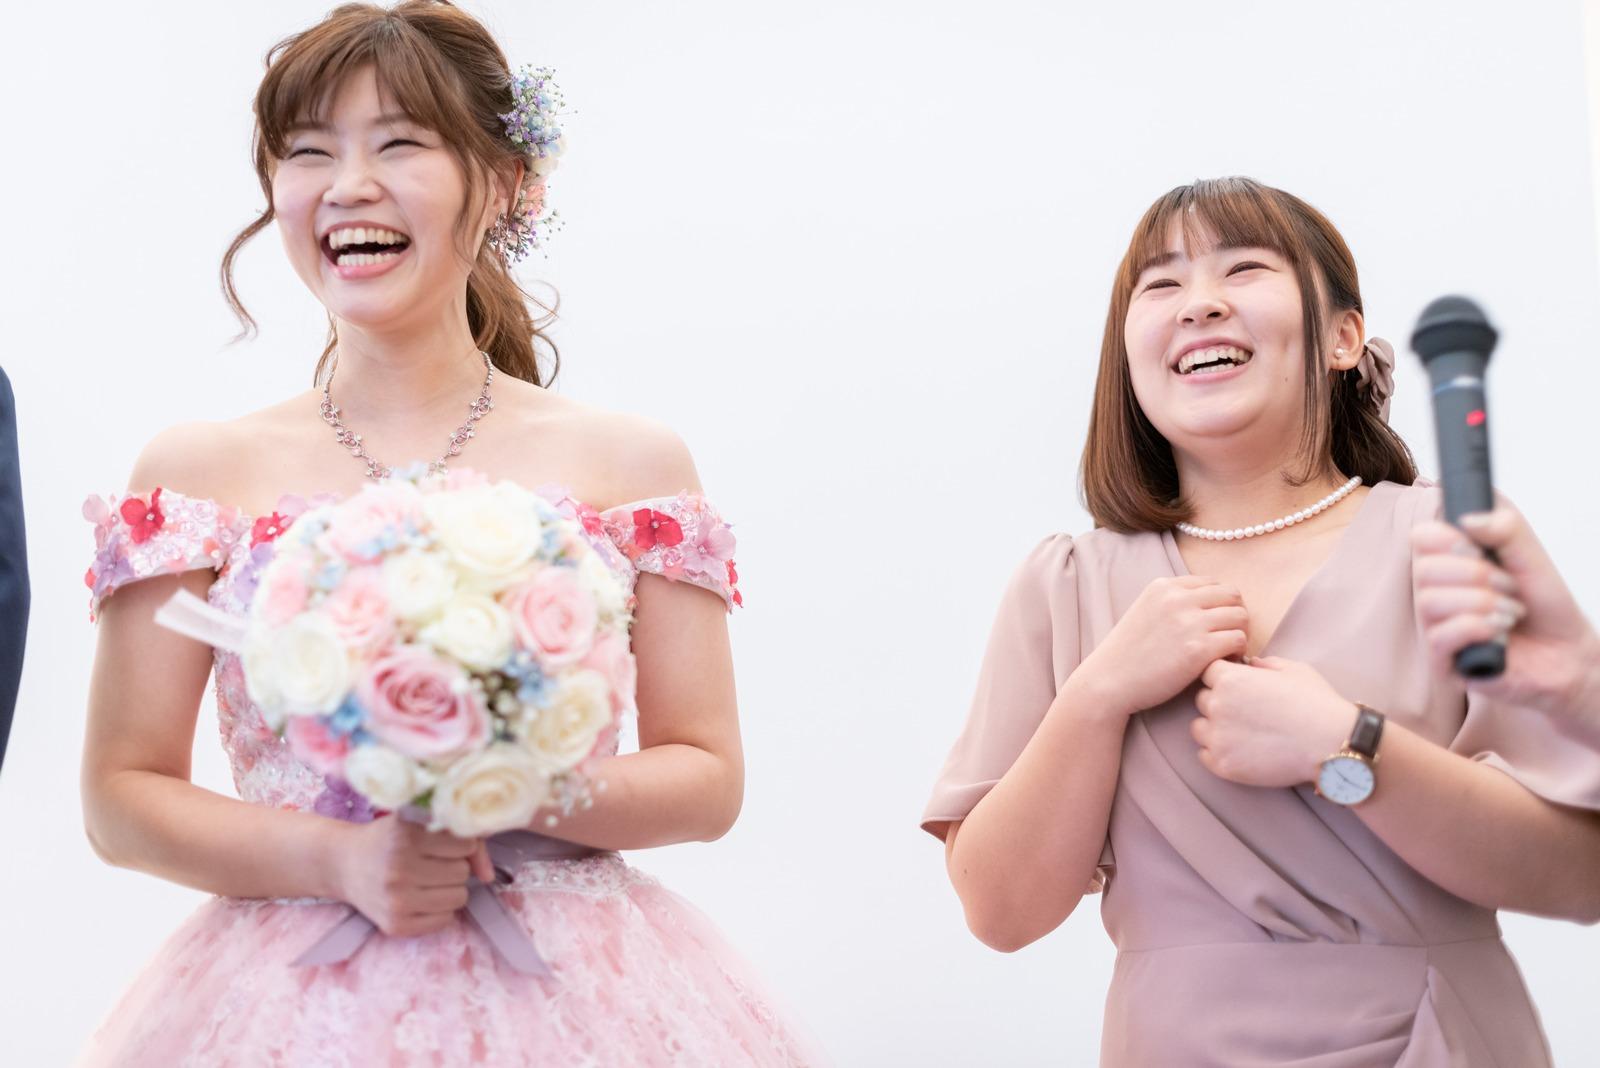 香川県の結婚式場のシェルエメール&アイスタイルのドレス色当てクイズ当選者